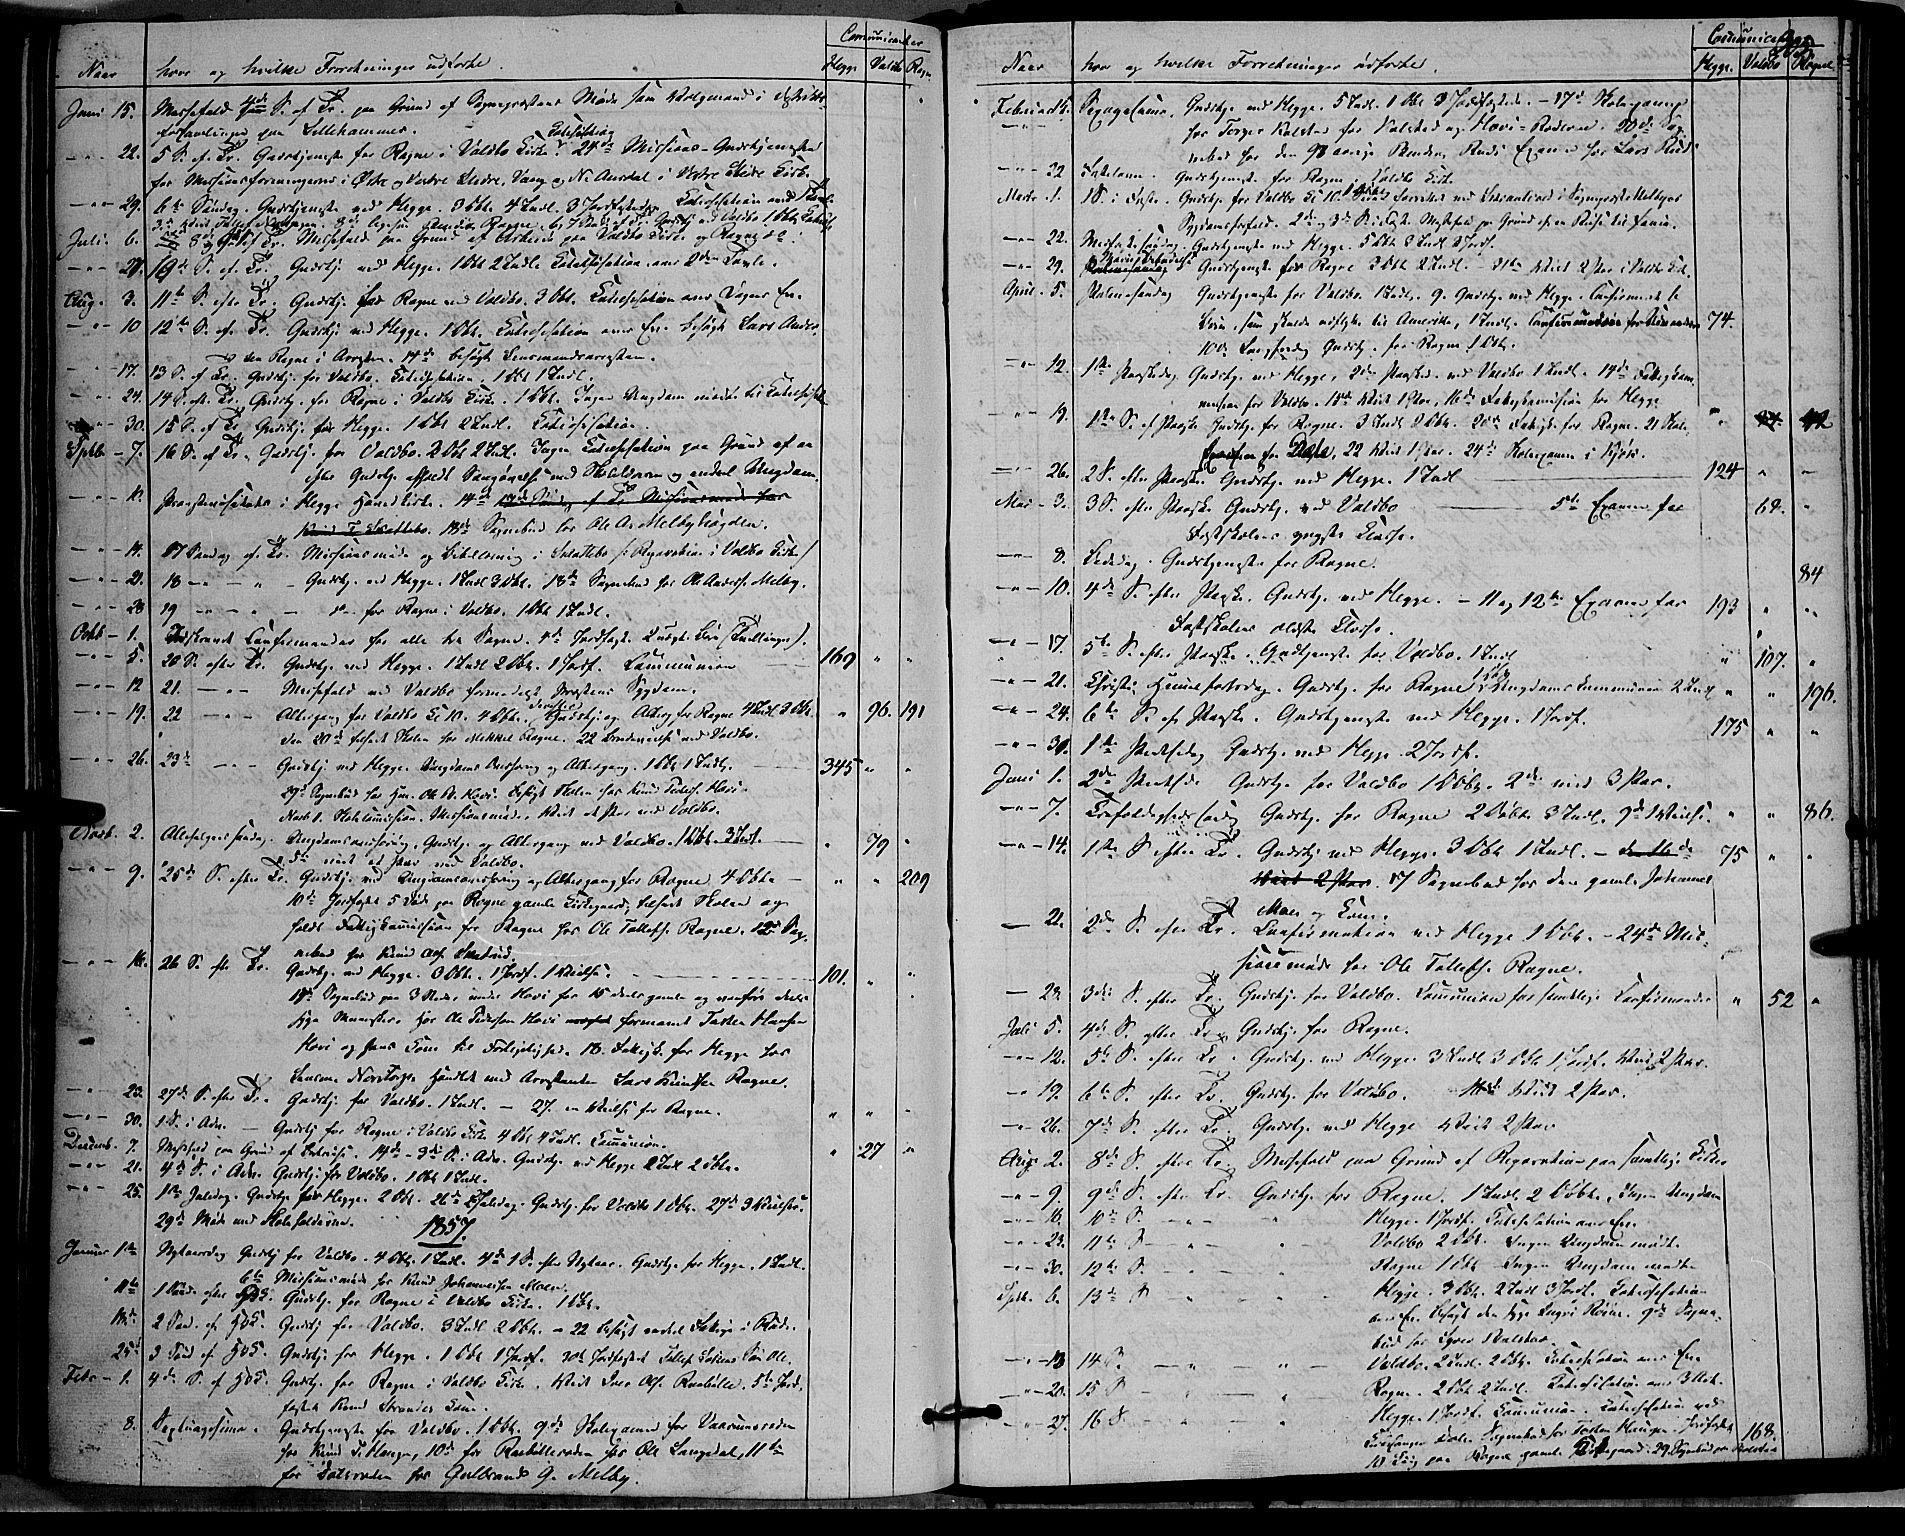 SAH, Øystre Slidre prestekontor, Ministerialbok nr. 1, 1849-1874, s. 304